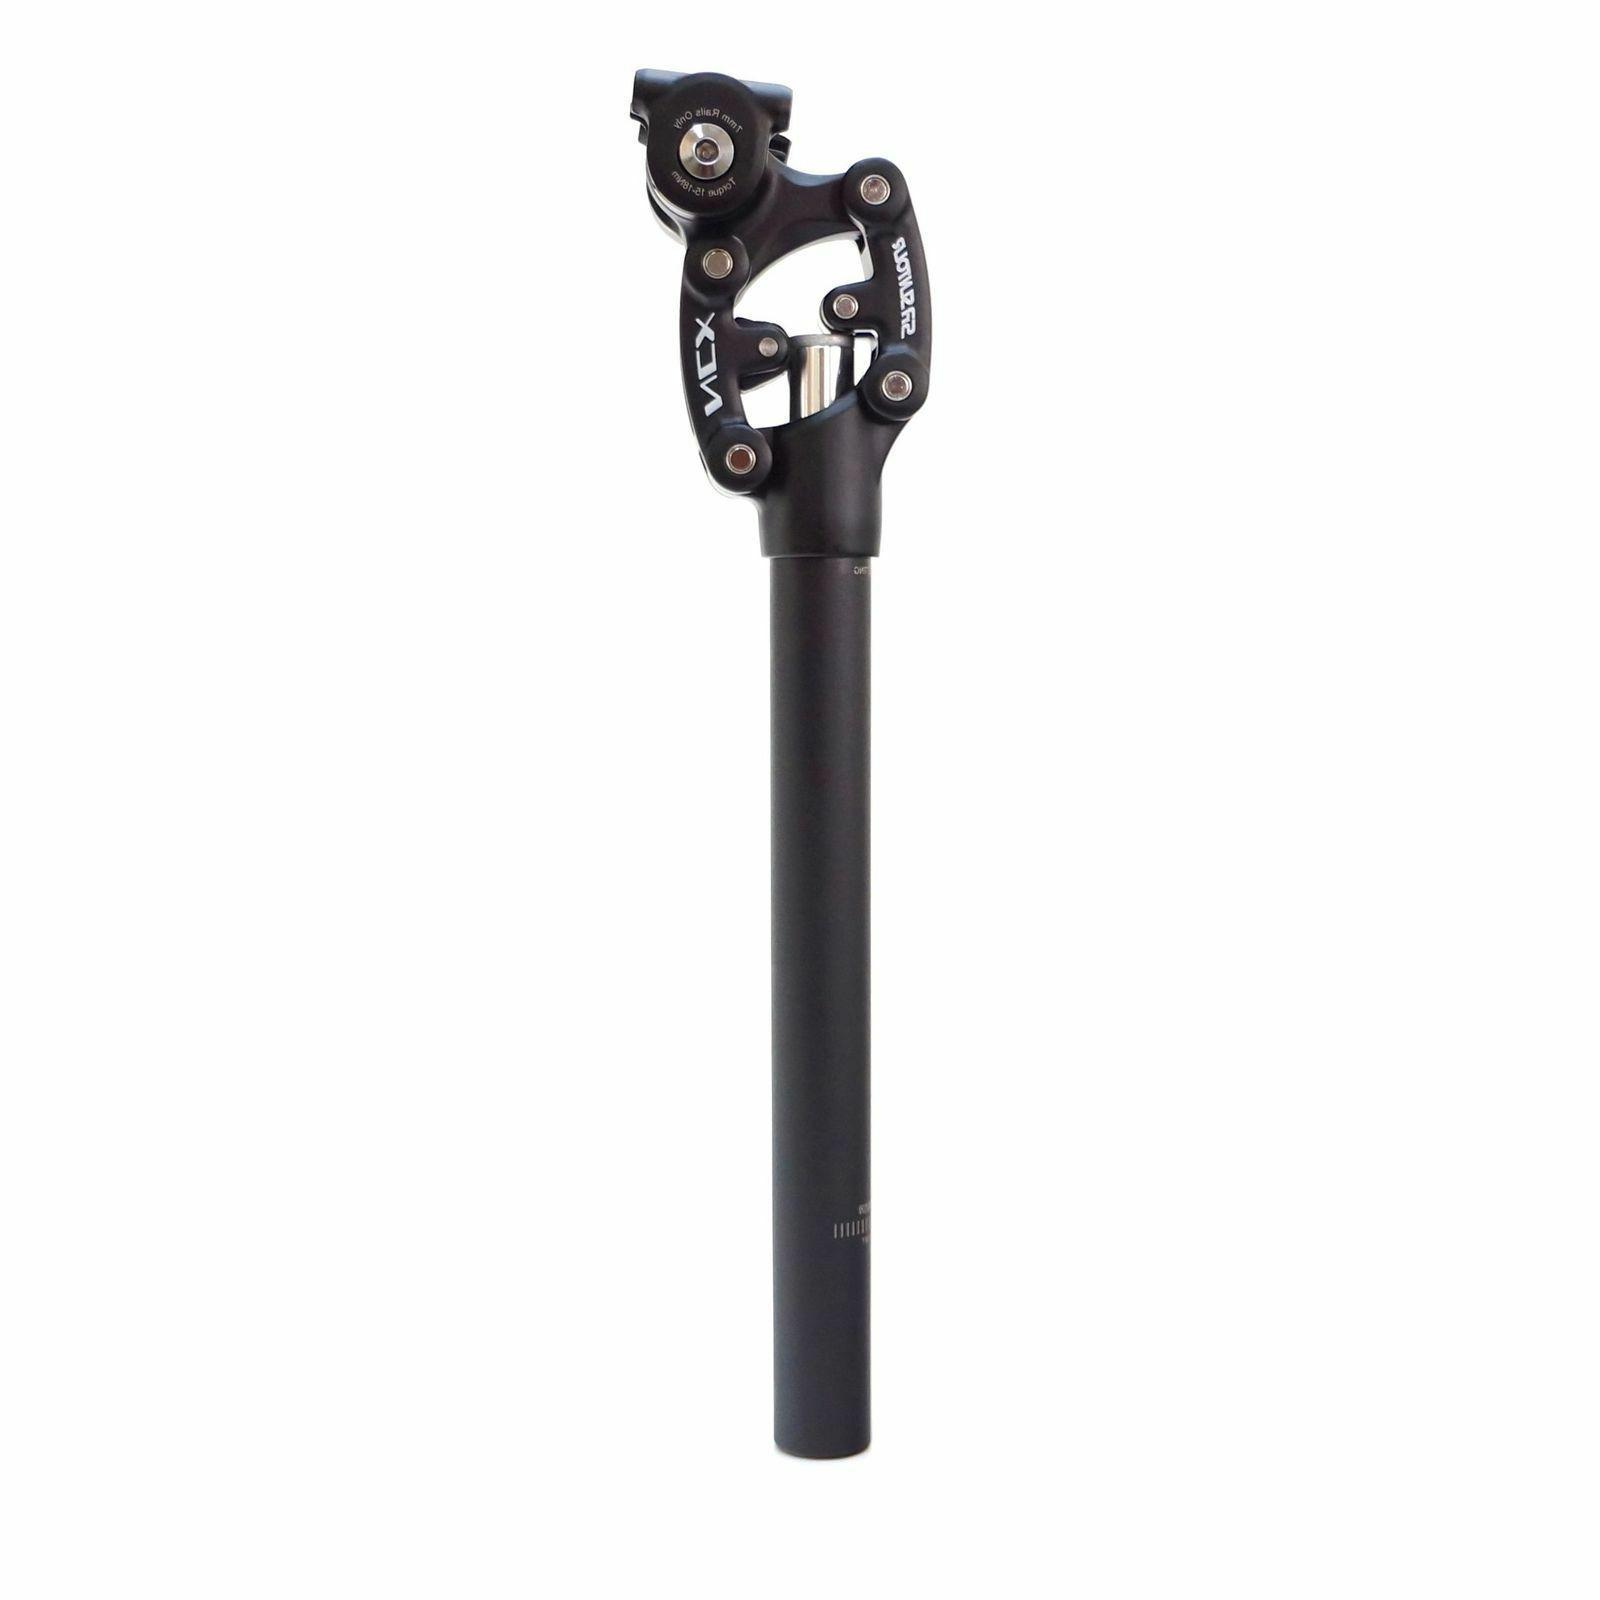 Suntour SP12 Road Bike 27.2x350/400mm Seatpost